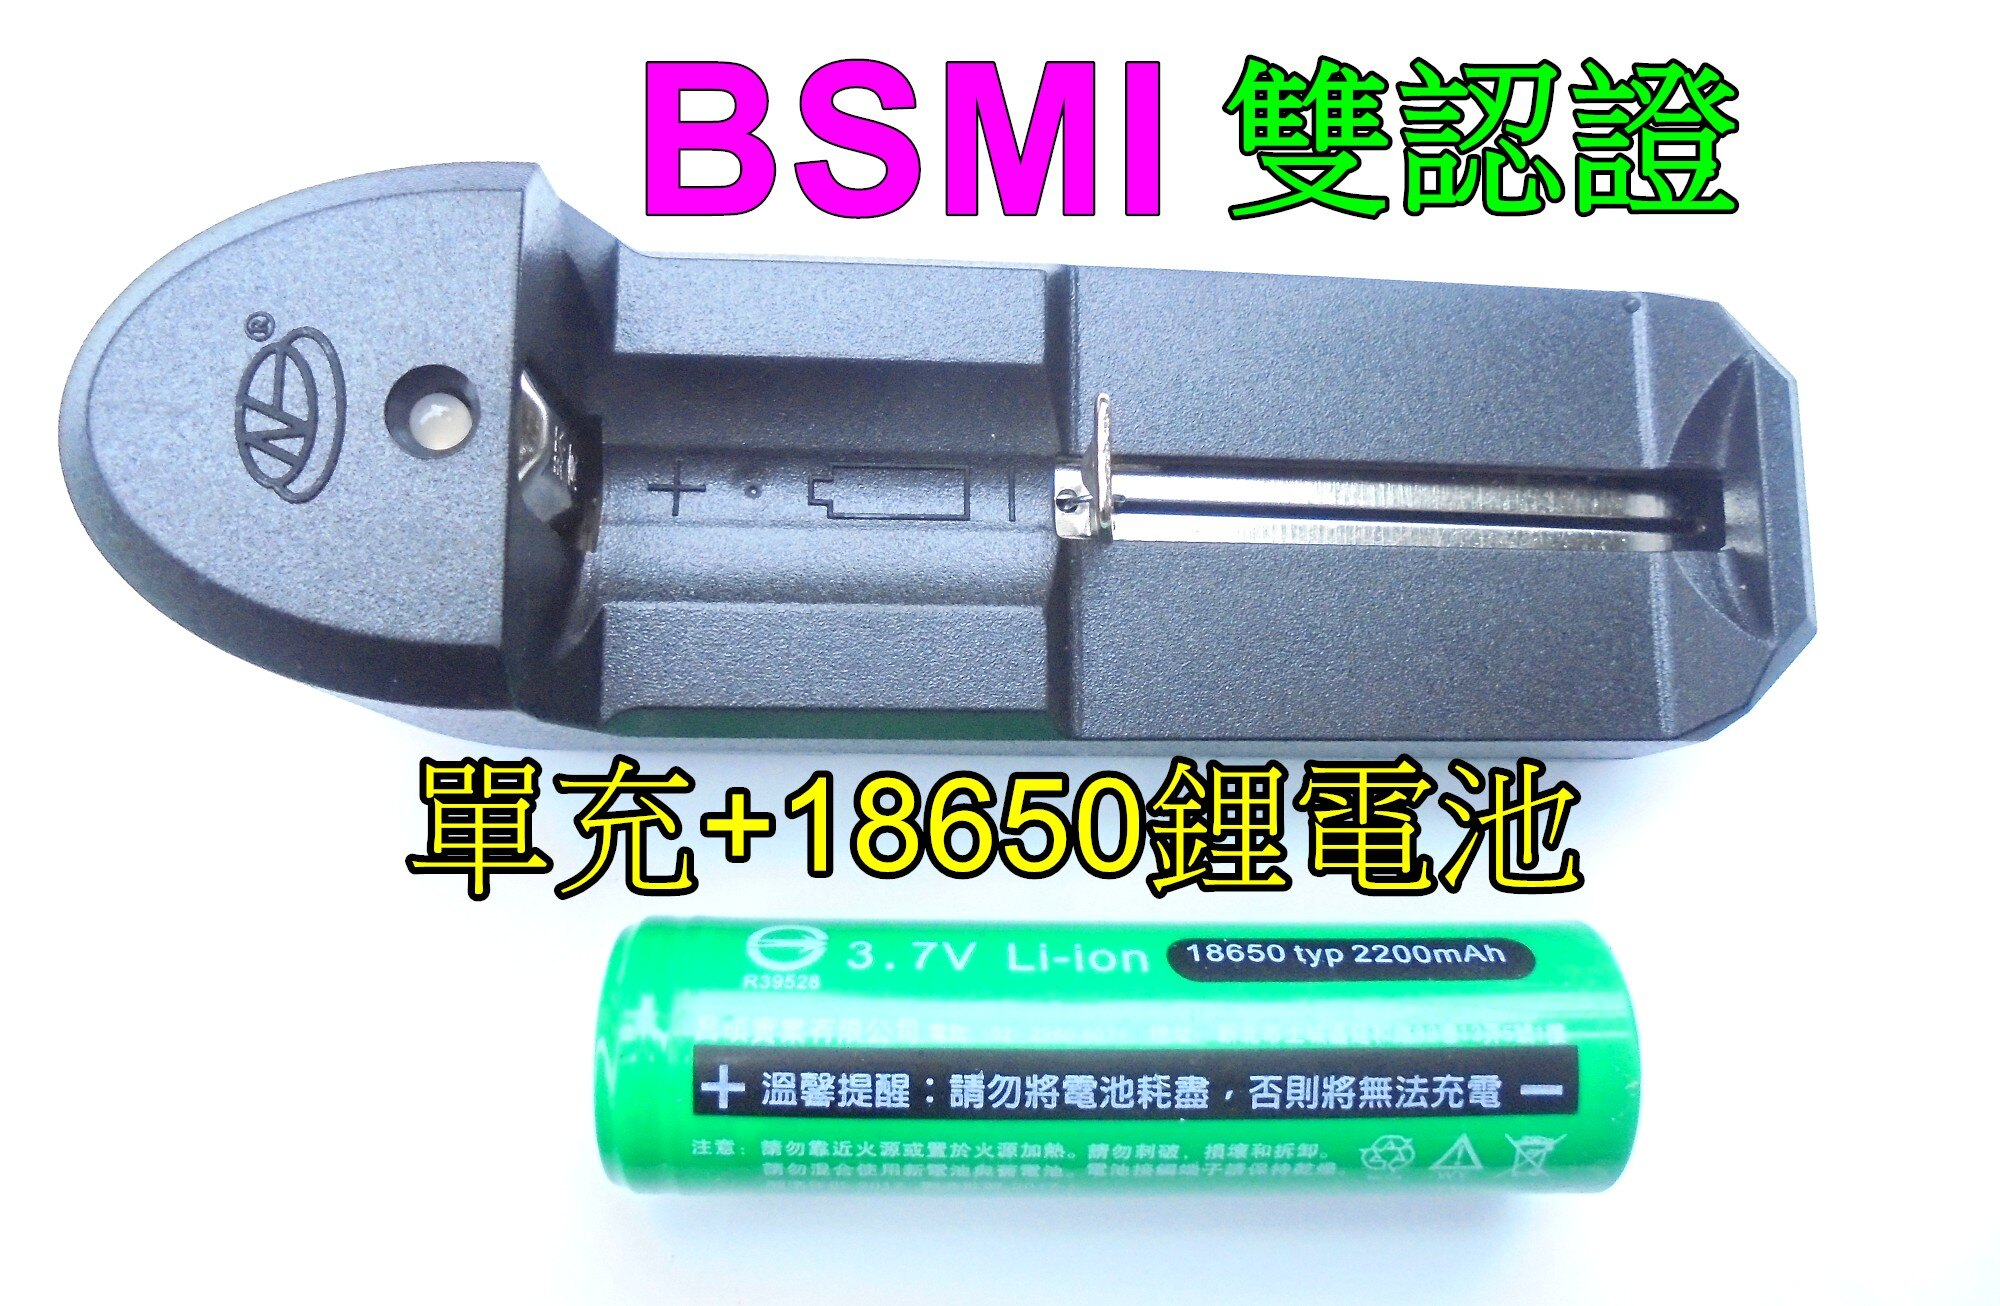 雲火-BSMI合格(雙認證)單充加18650鋰電池,彈片式單槽智能充電器,強光手電筒,頭燈專用,移動電源.風扇.遙控車.遙控飛機